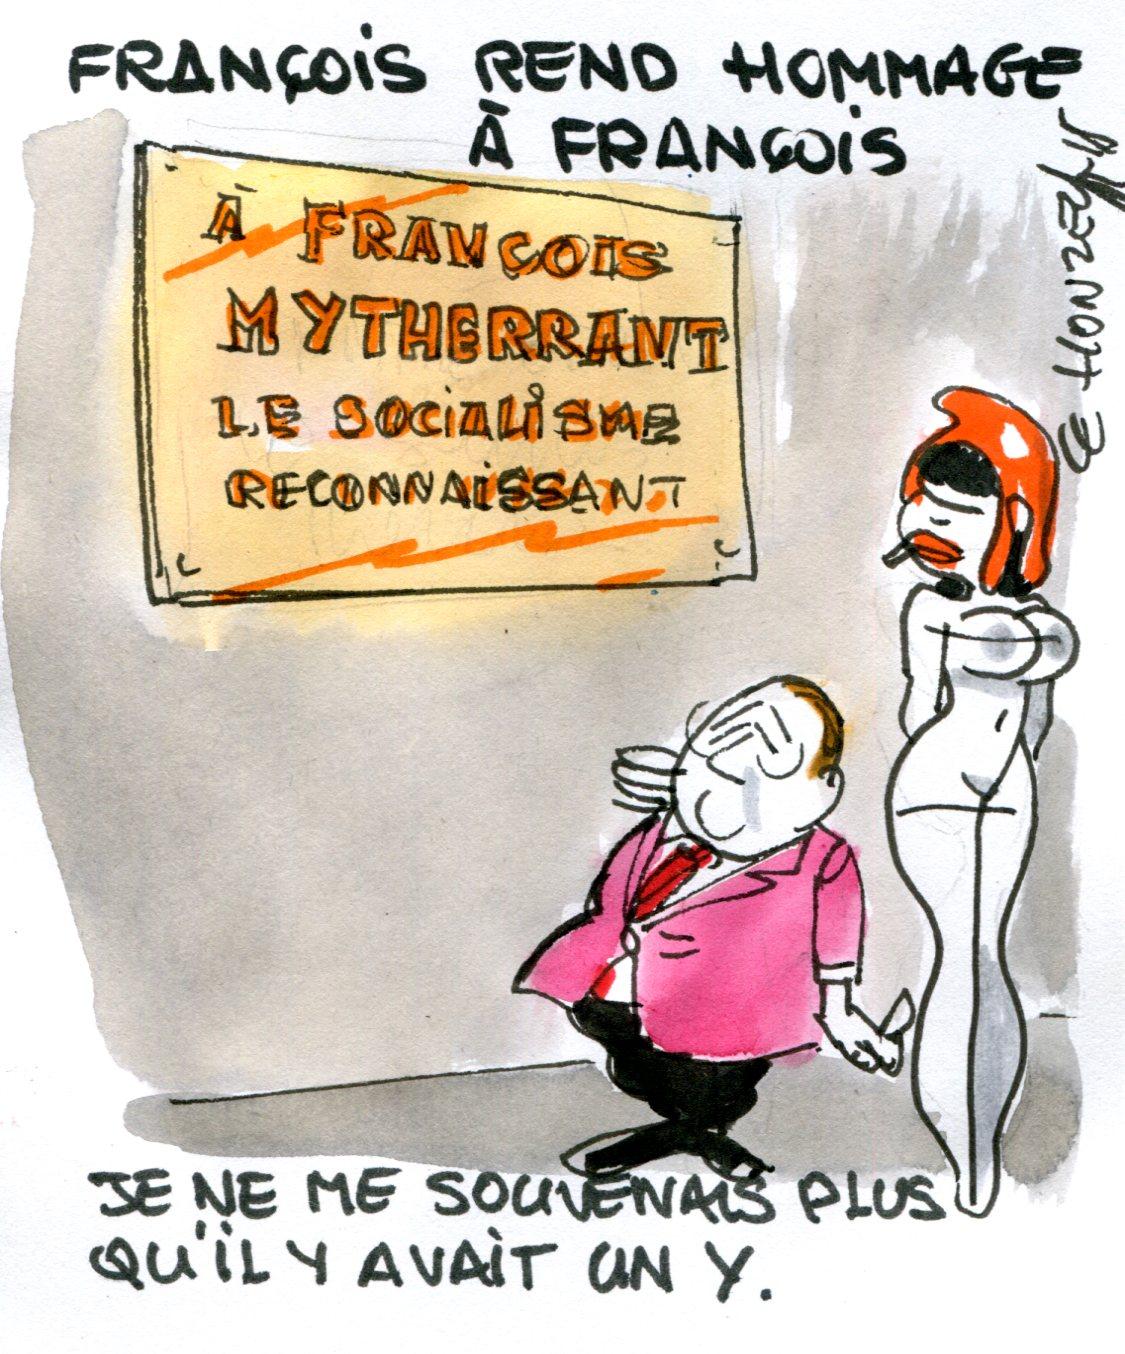 François Hollande rend hommage à François Mitterrand (Crédits : René Le Honzec/Contrepoints.org, licence CC-BY 2.0)